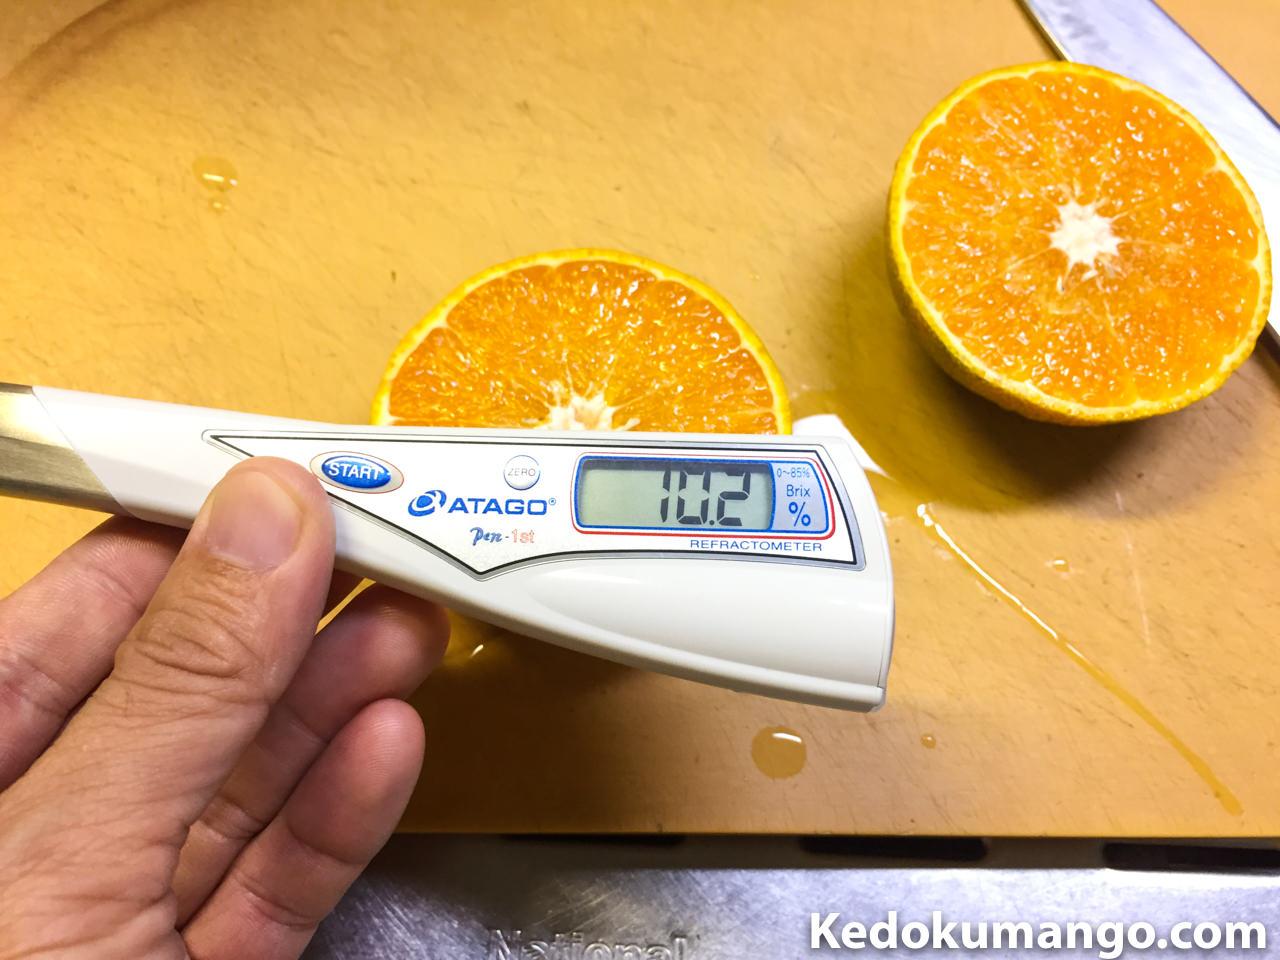 2度目のオレンジの糖度チェックの様子